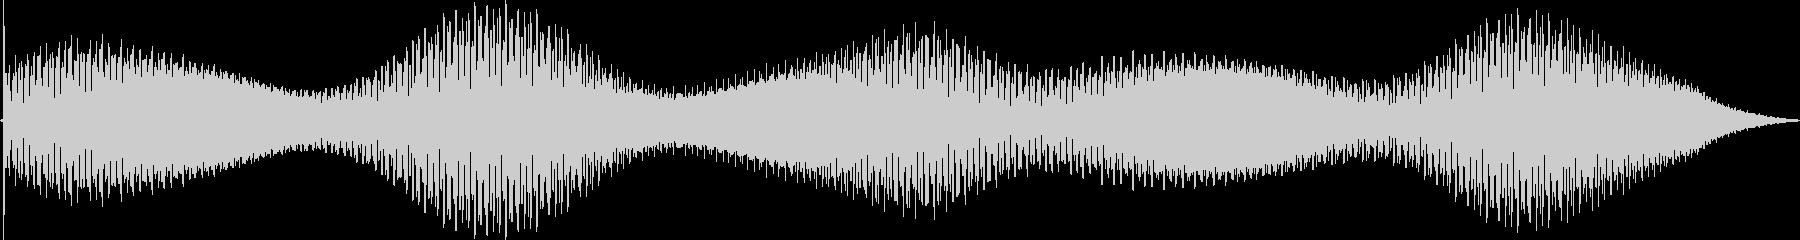 ディープトーンフェージング無線干渉静的の未再生の波形